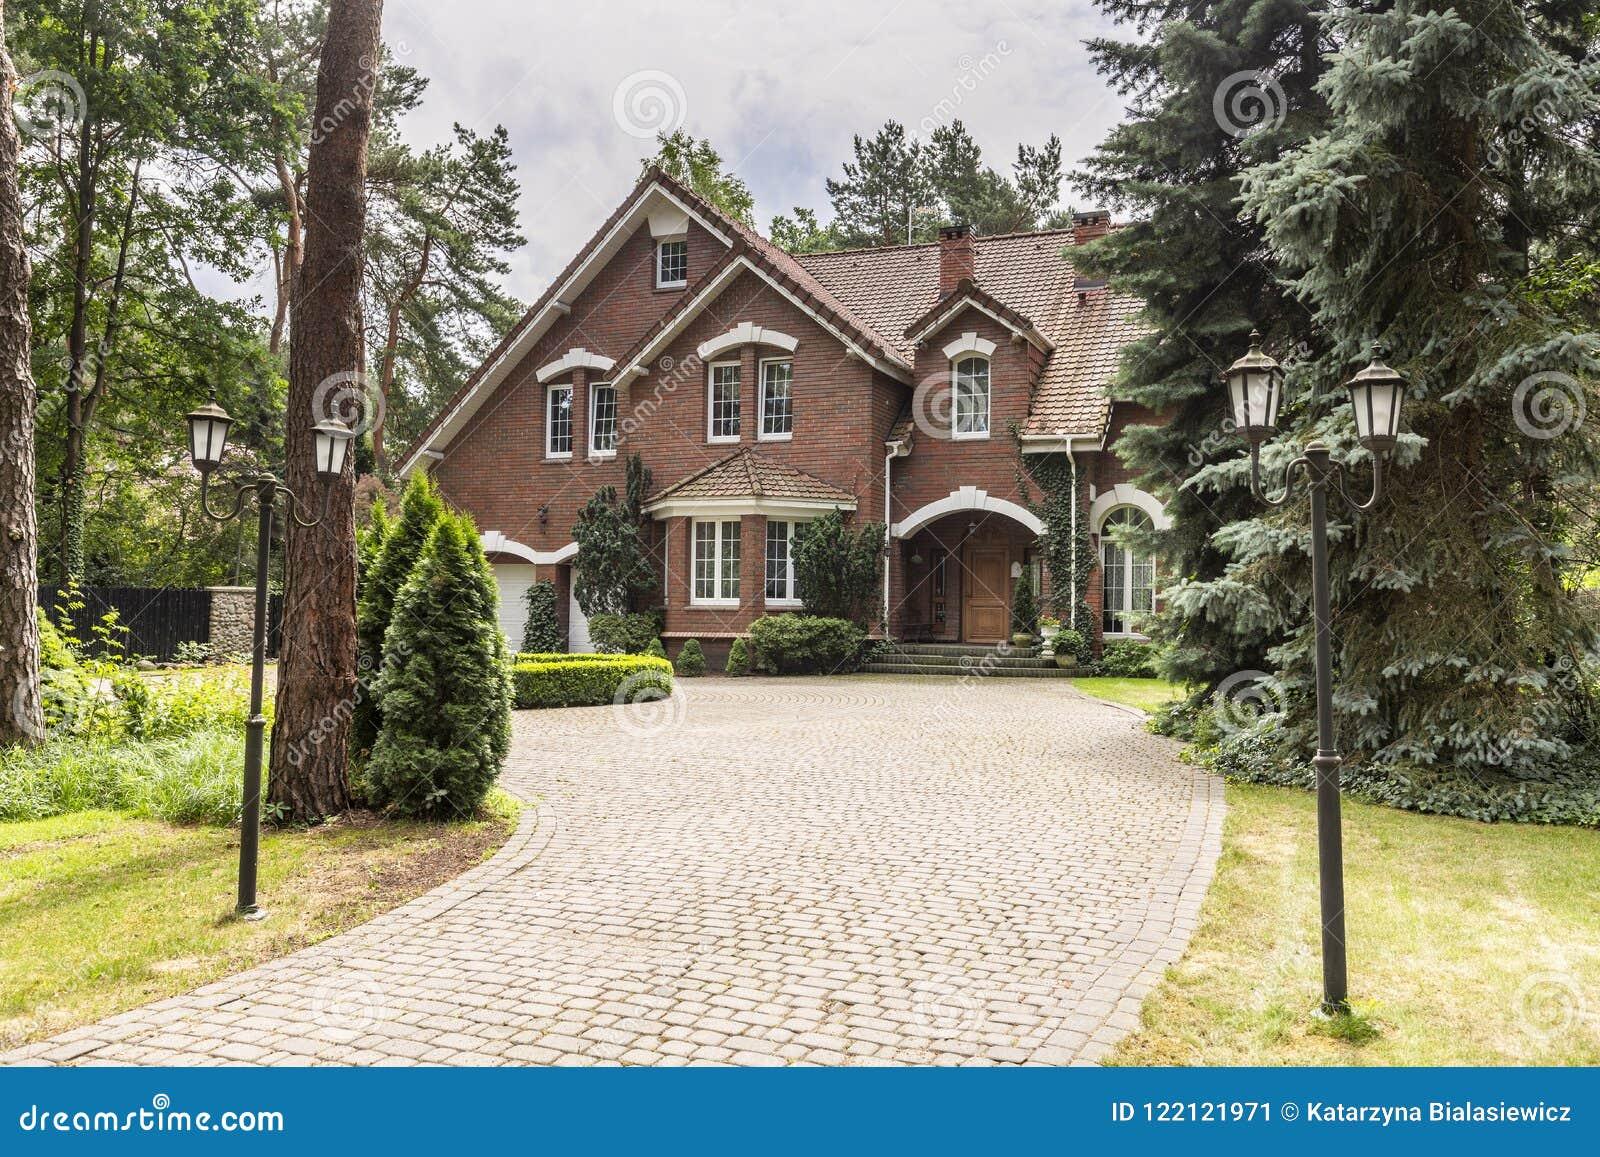 Allée en pierre à loger dans le style architectural anglais en FO